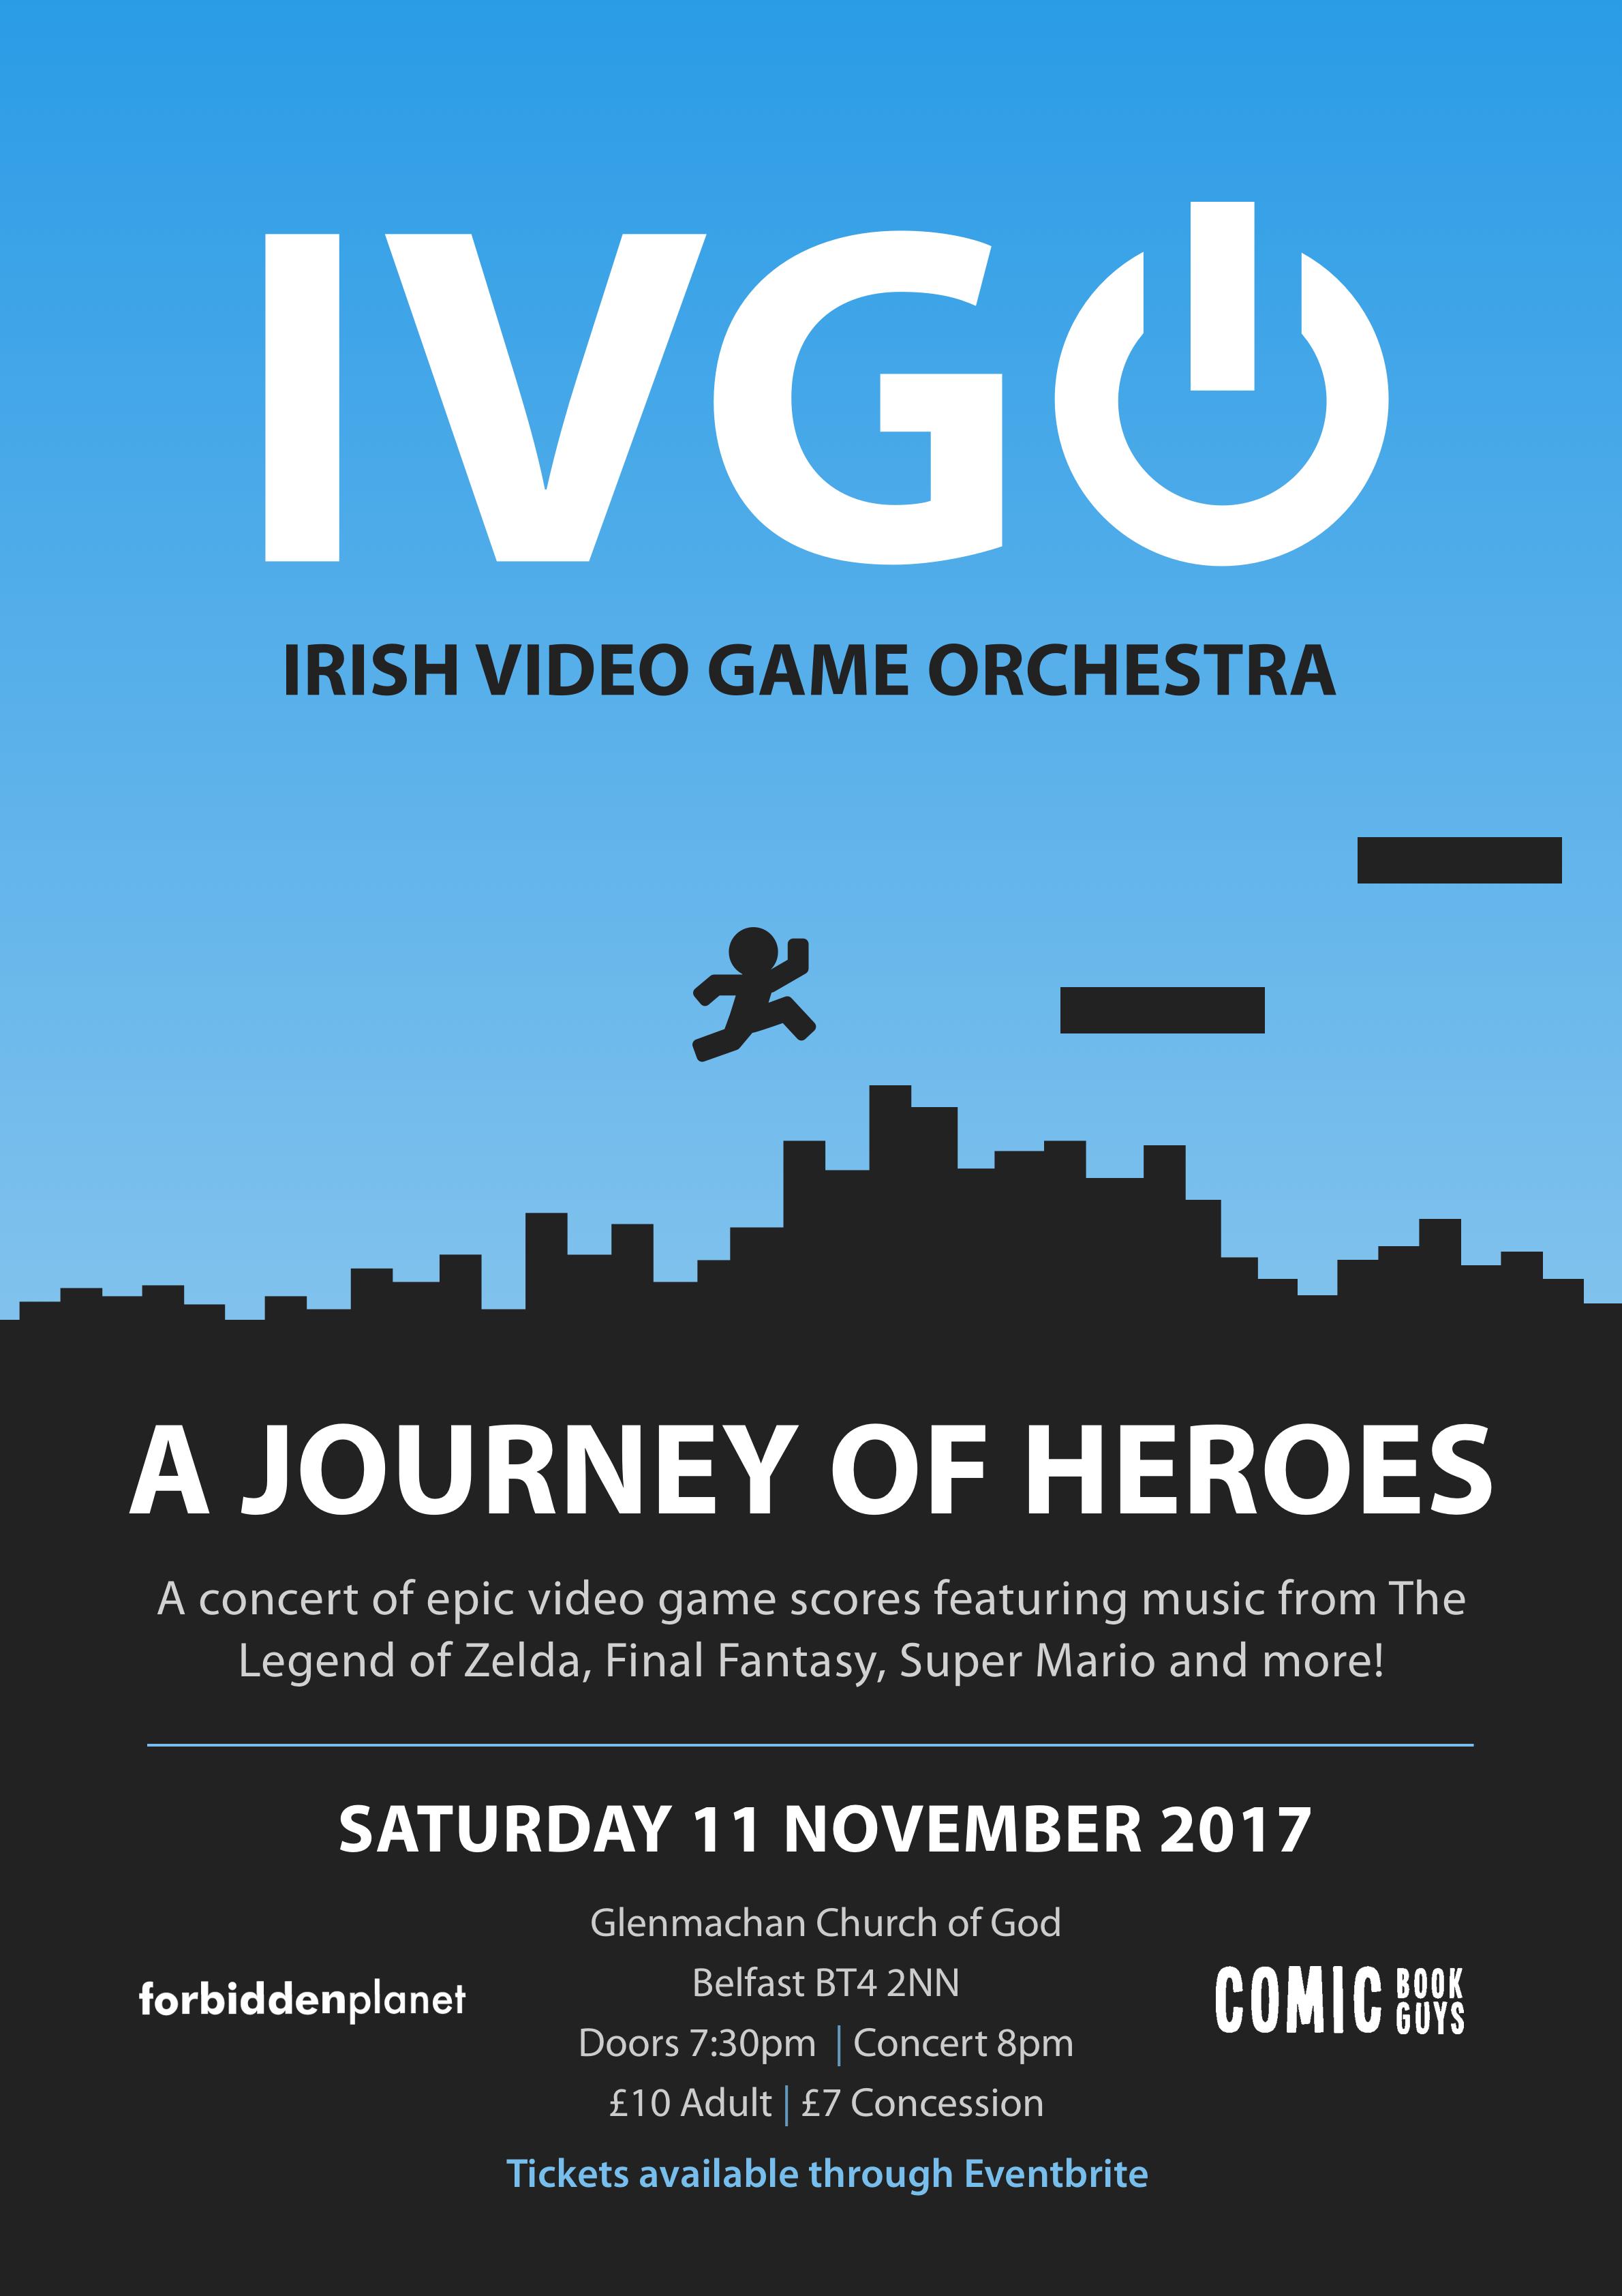 IVGO October 2017 Poster.png